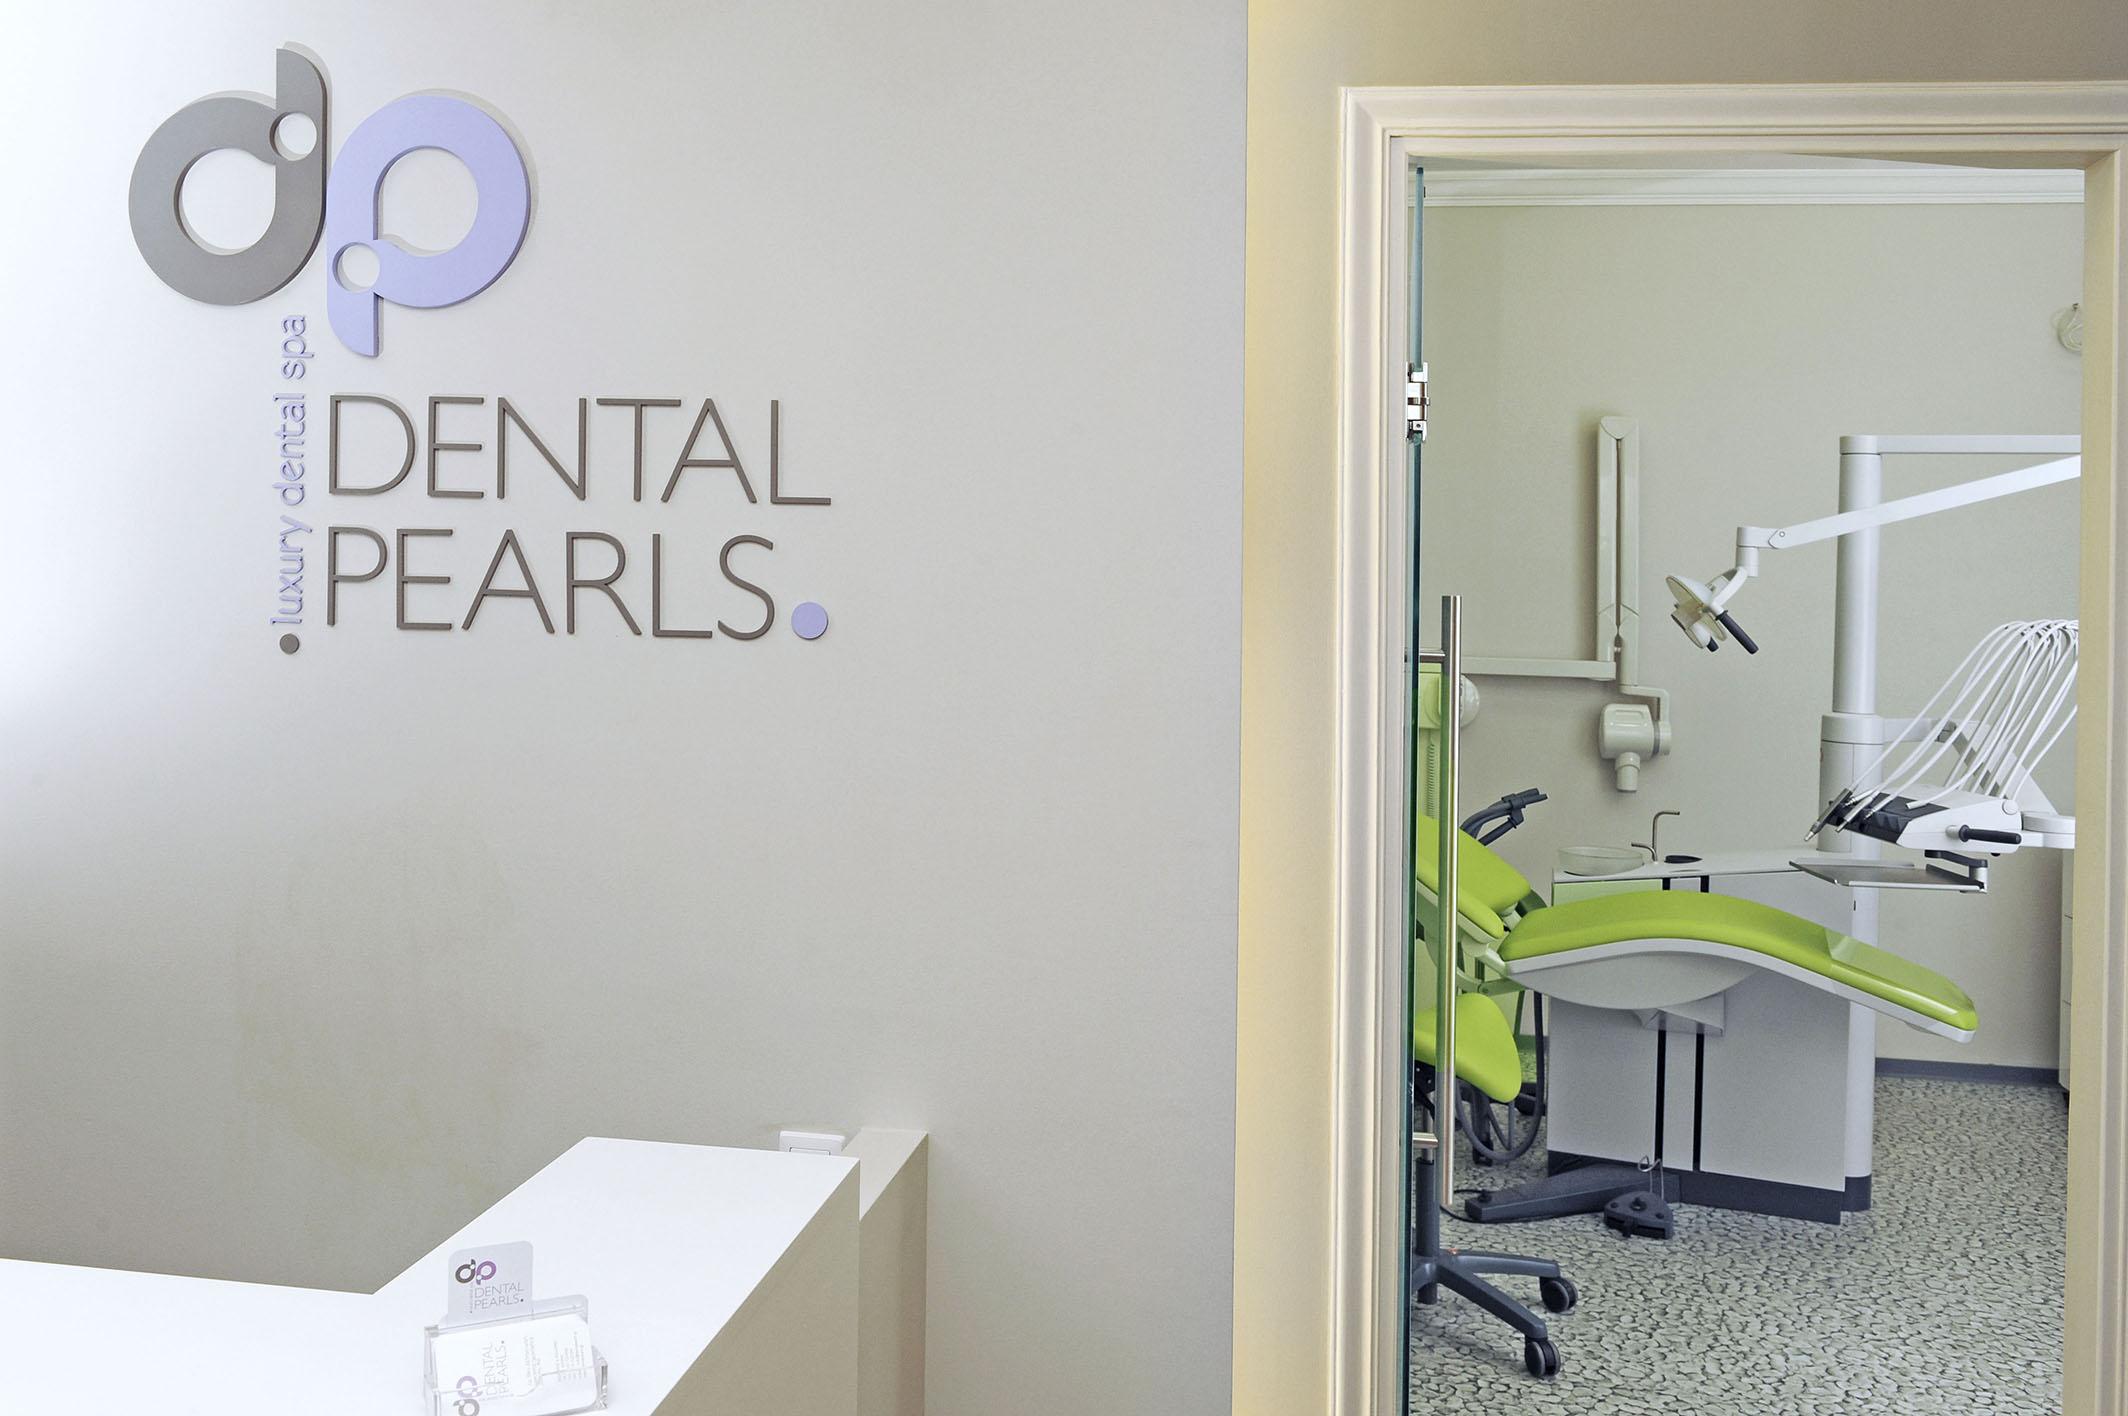 Ανακαίνιση οδοντιατρείου- Κολωνάκι